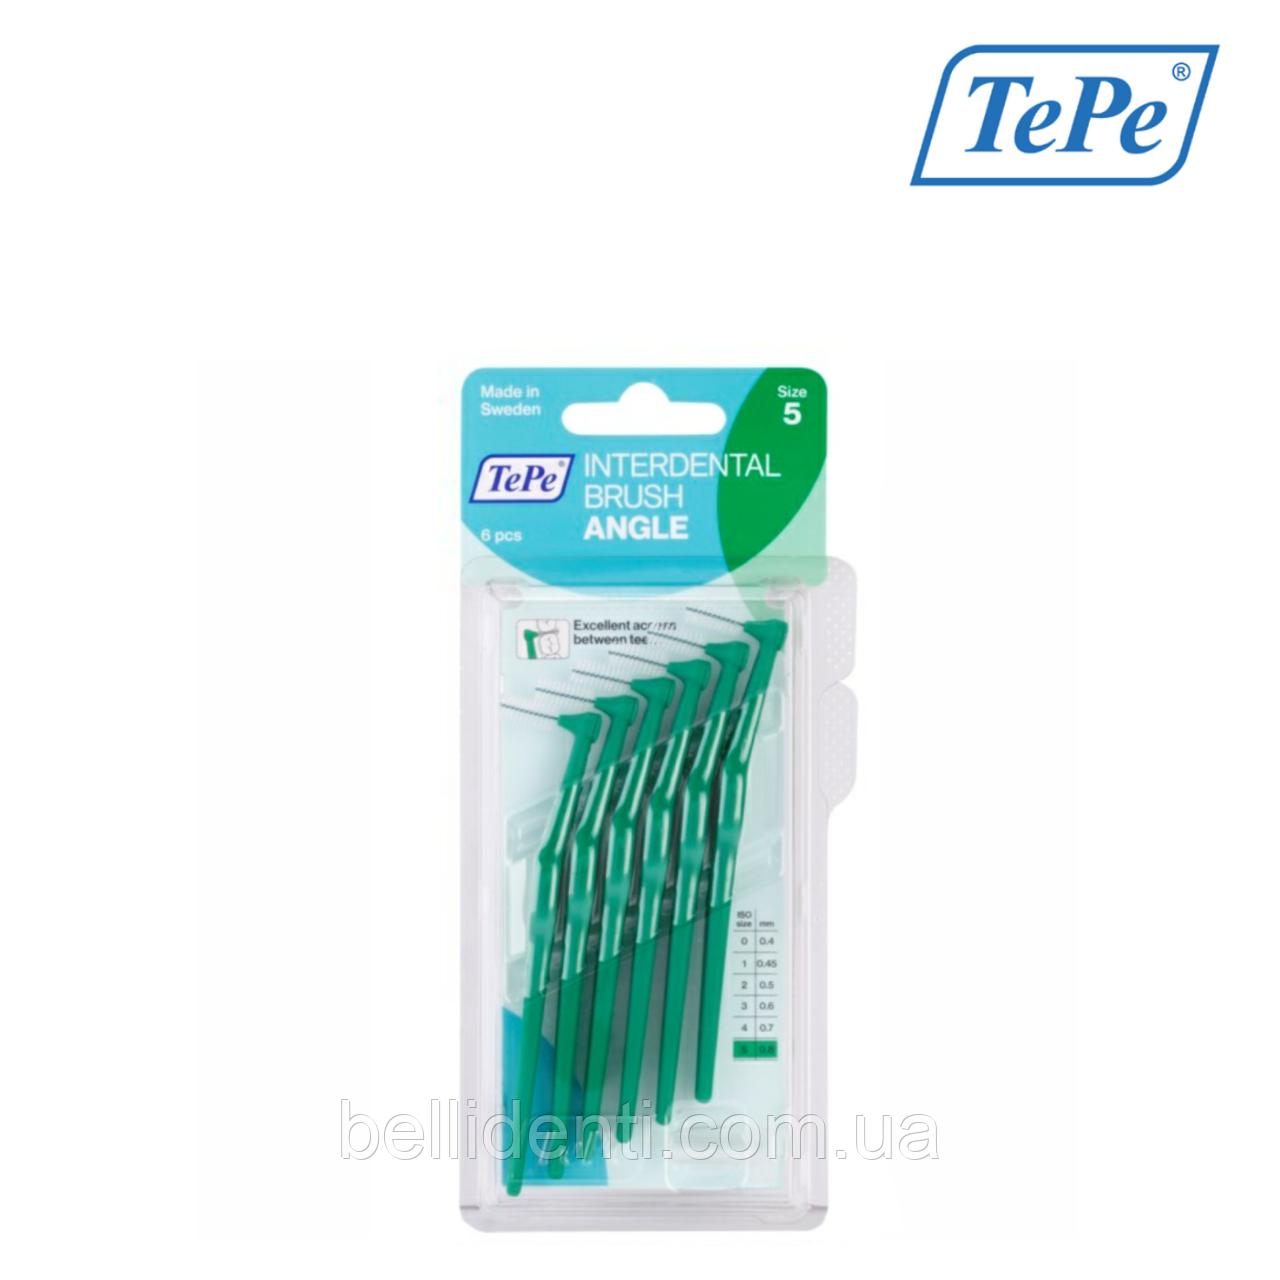 Межзубная щетка TePe Angle угловая, зеленая (0,8мм), 6 шт